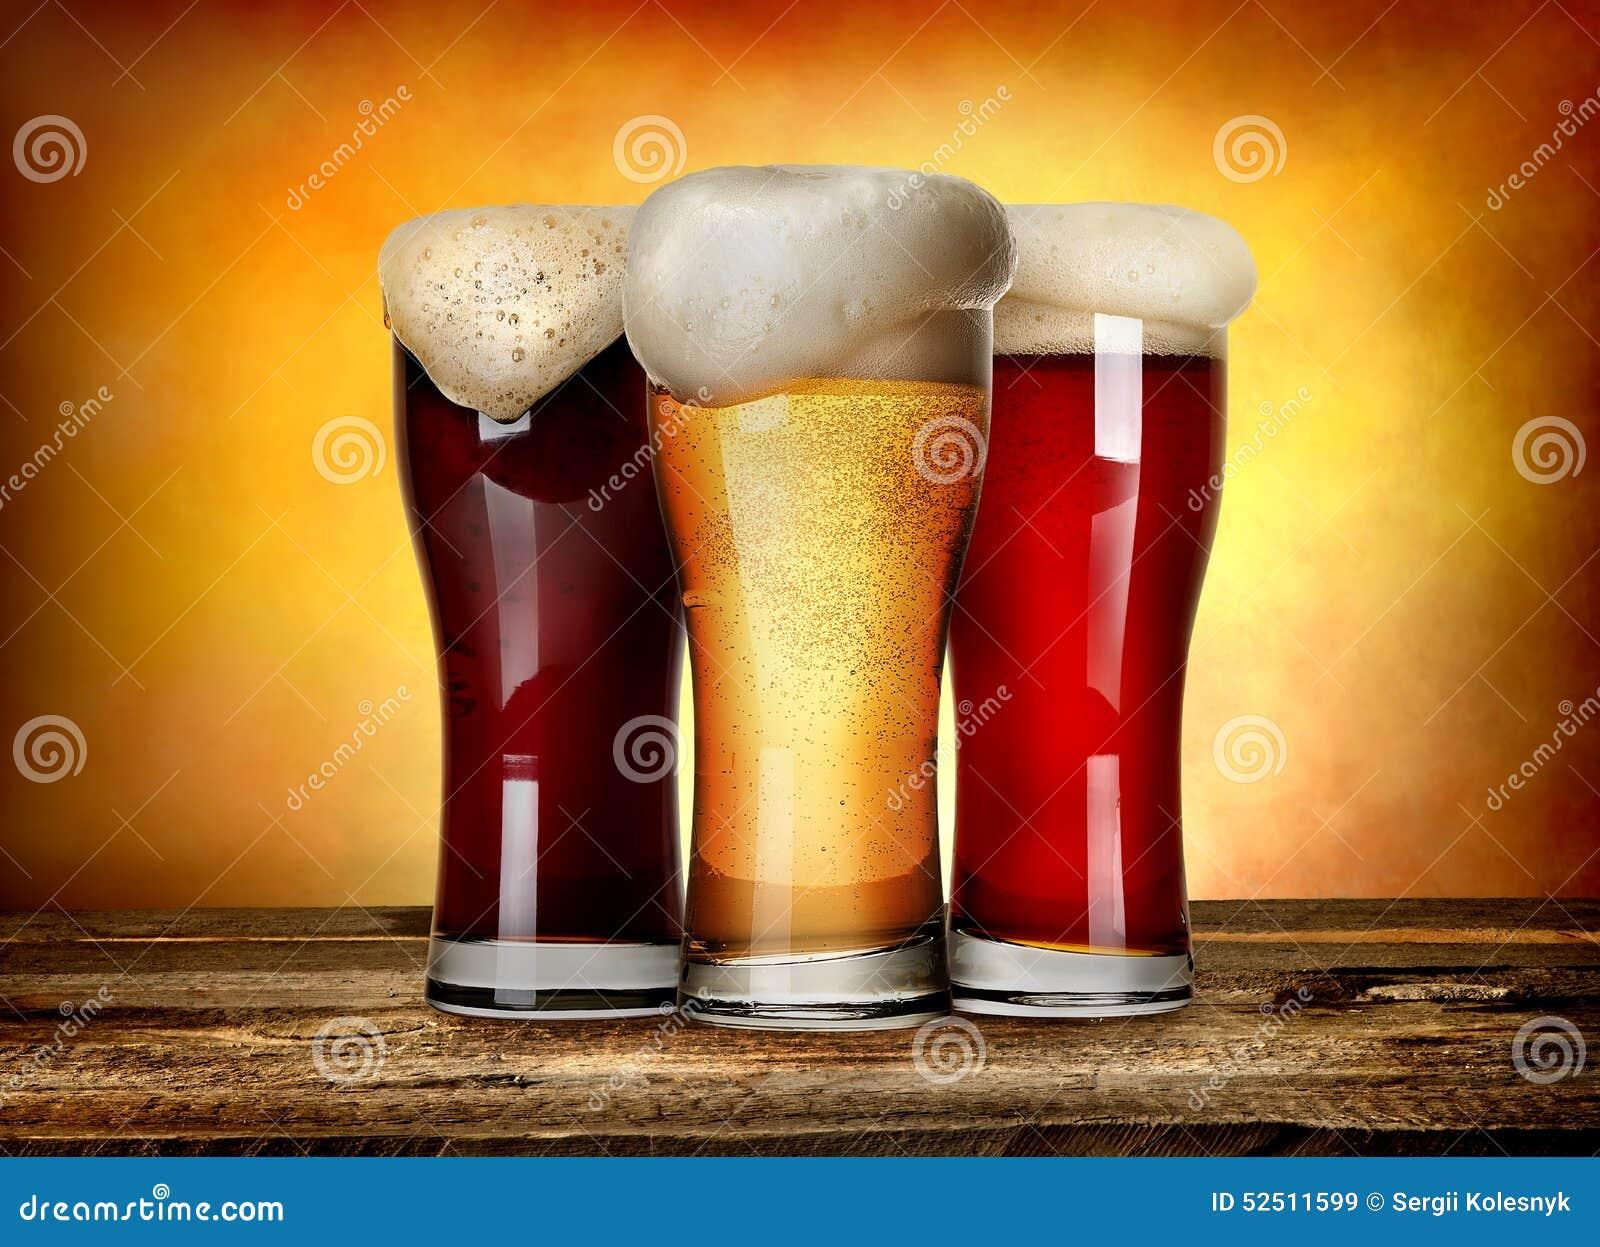 Drie soorten bier